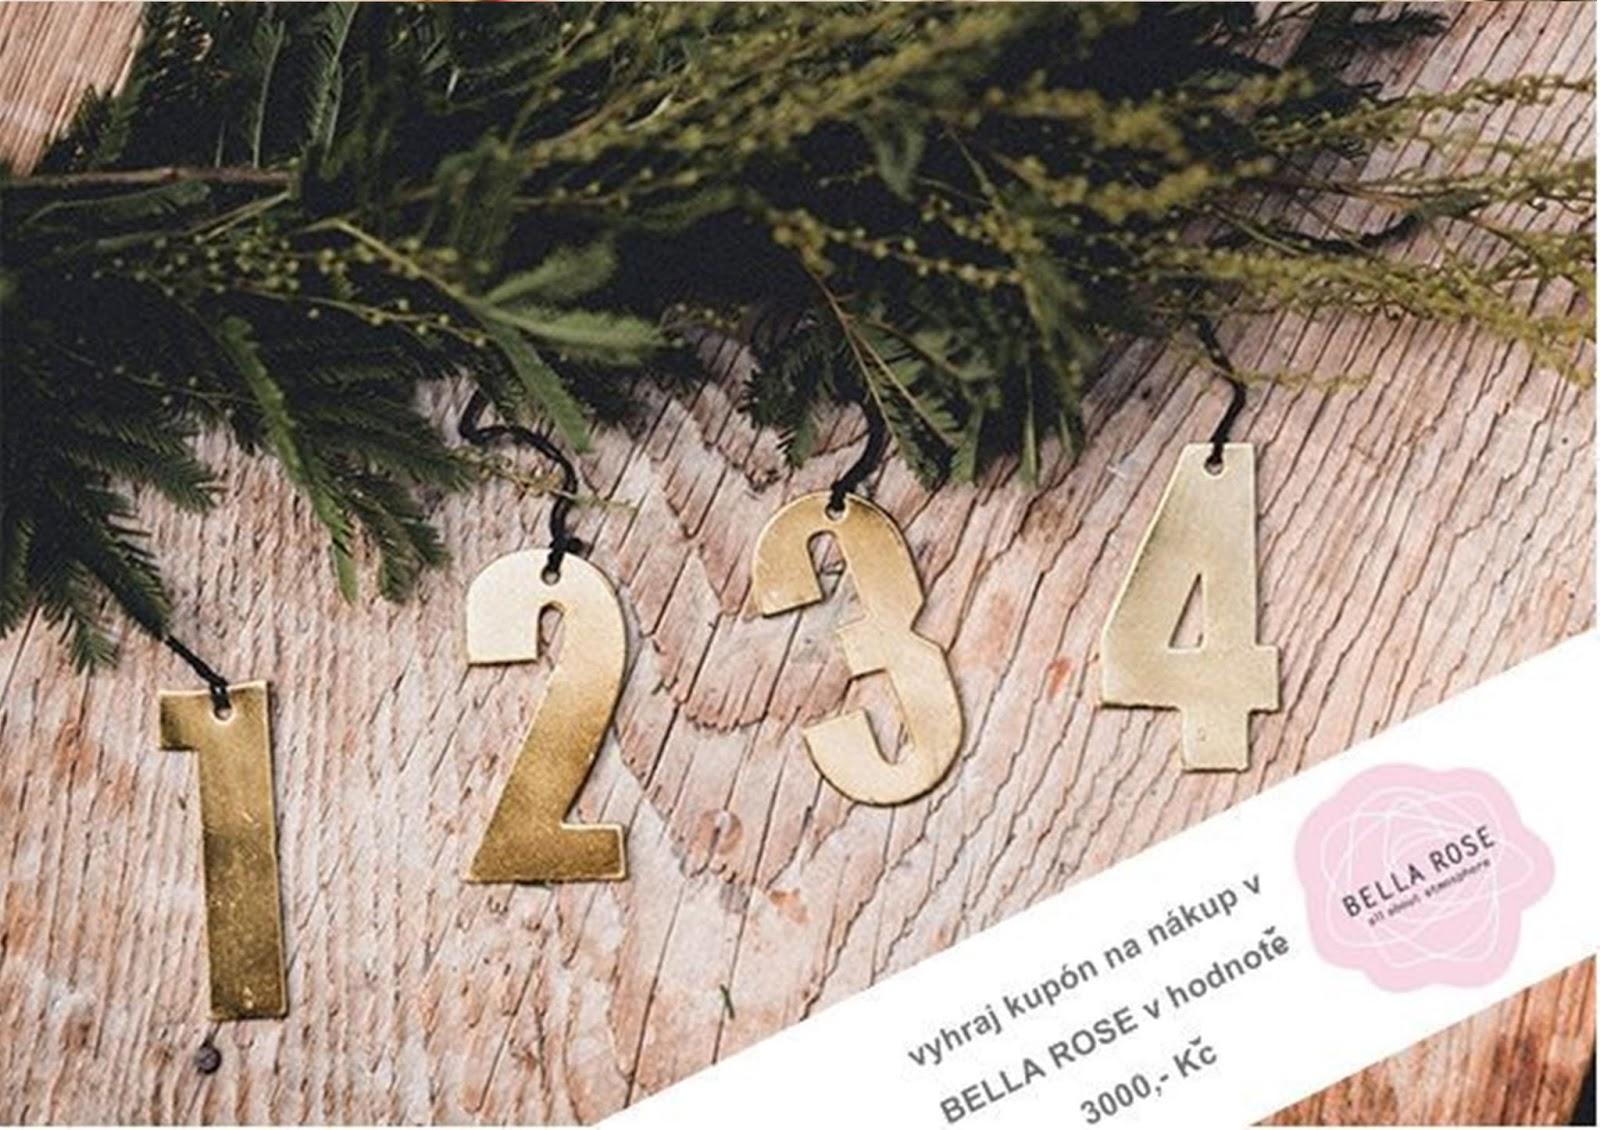 Vánoční soutěž na blogu Neplecha na plechu